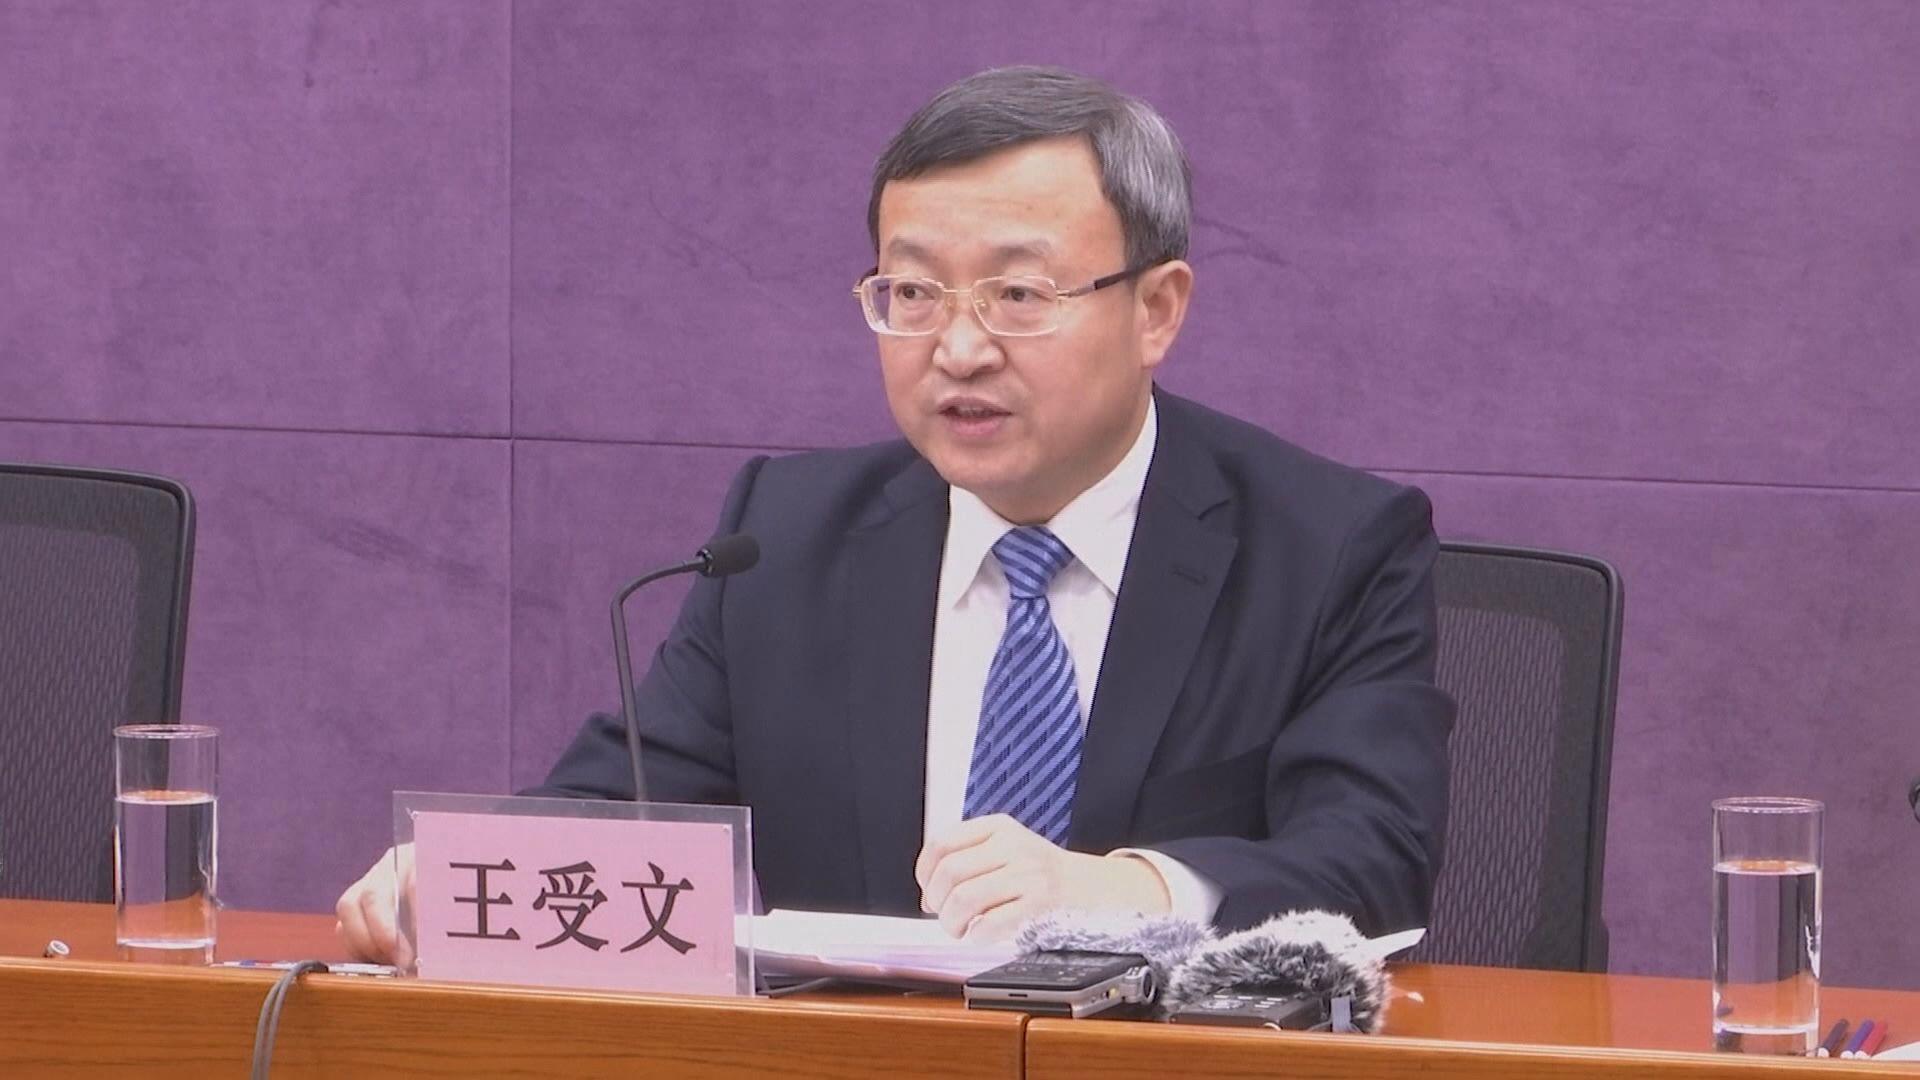 【中美磋商】傳中國派副部長代表團赴美做準備